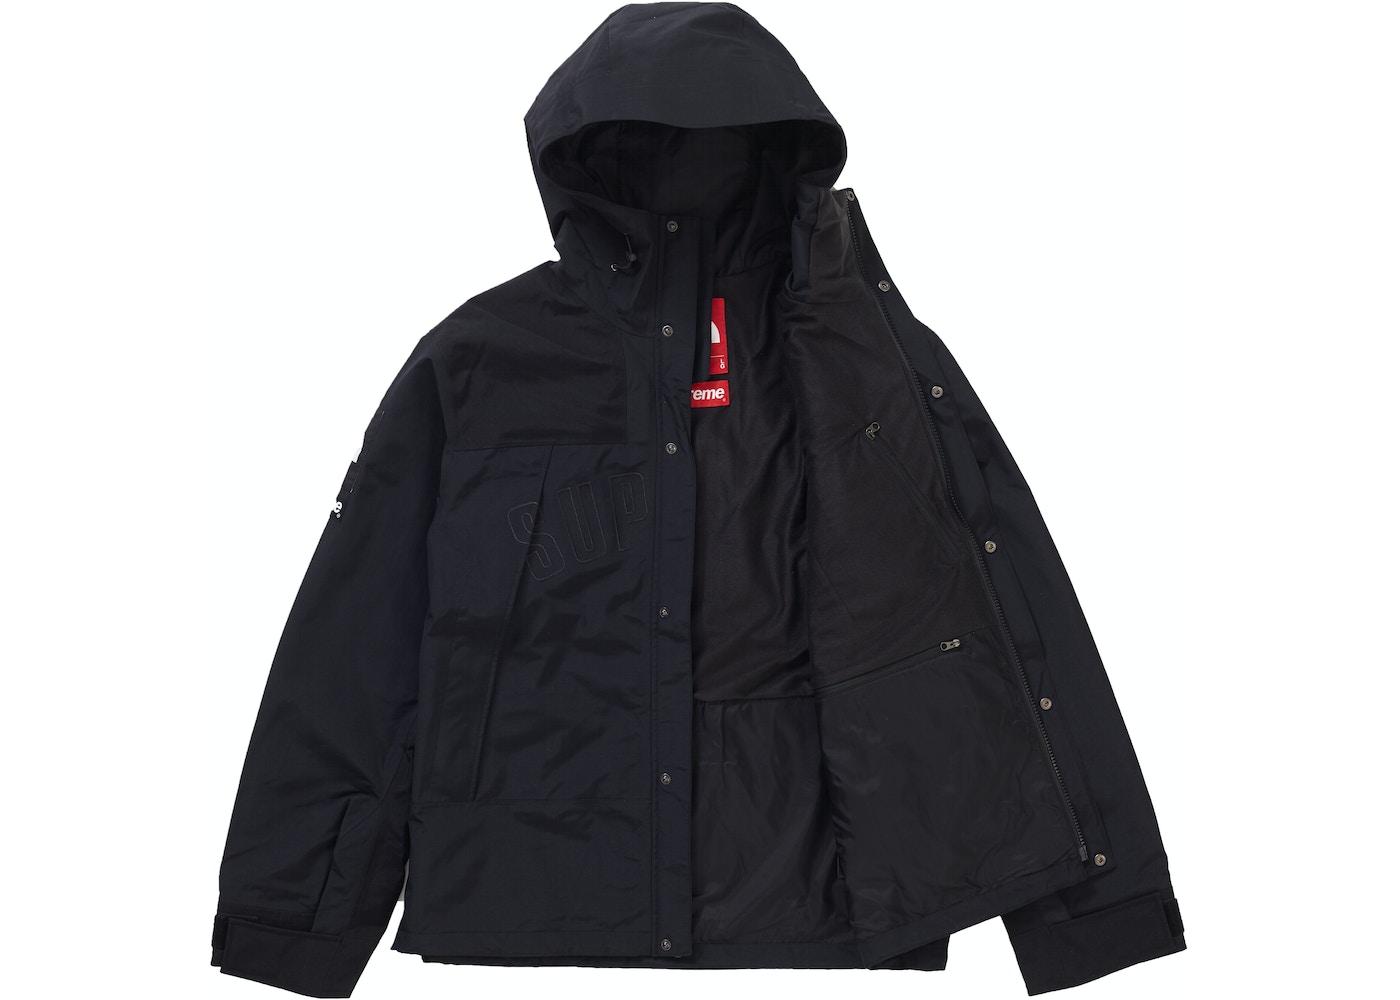 d7c9d8d4d Supreme The North Face Arc Logo Mountain Parka Black